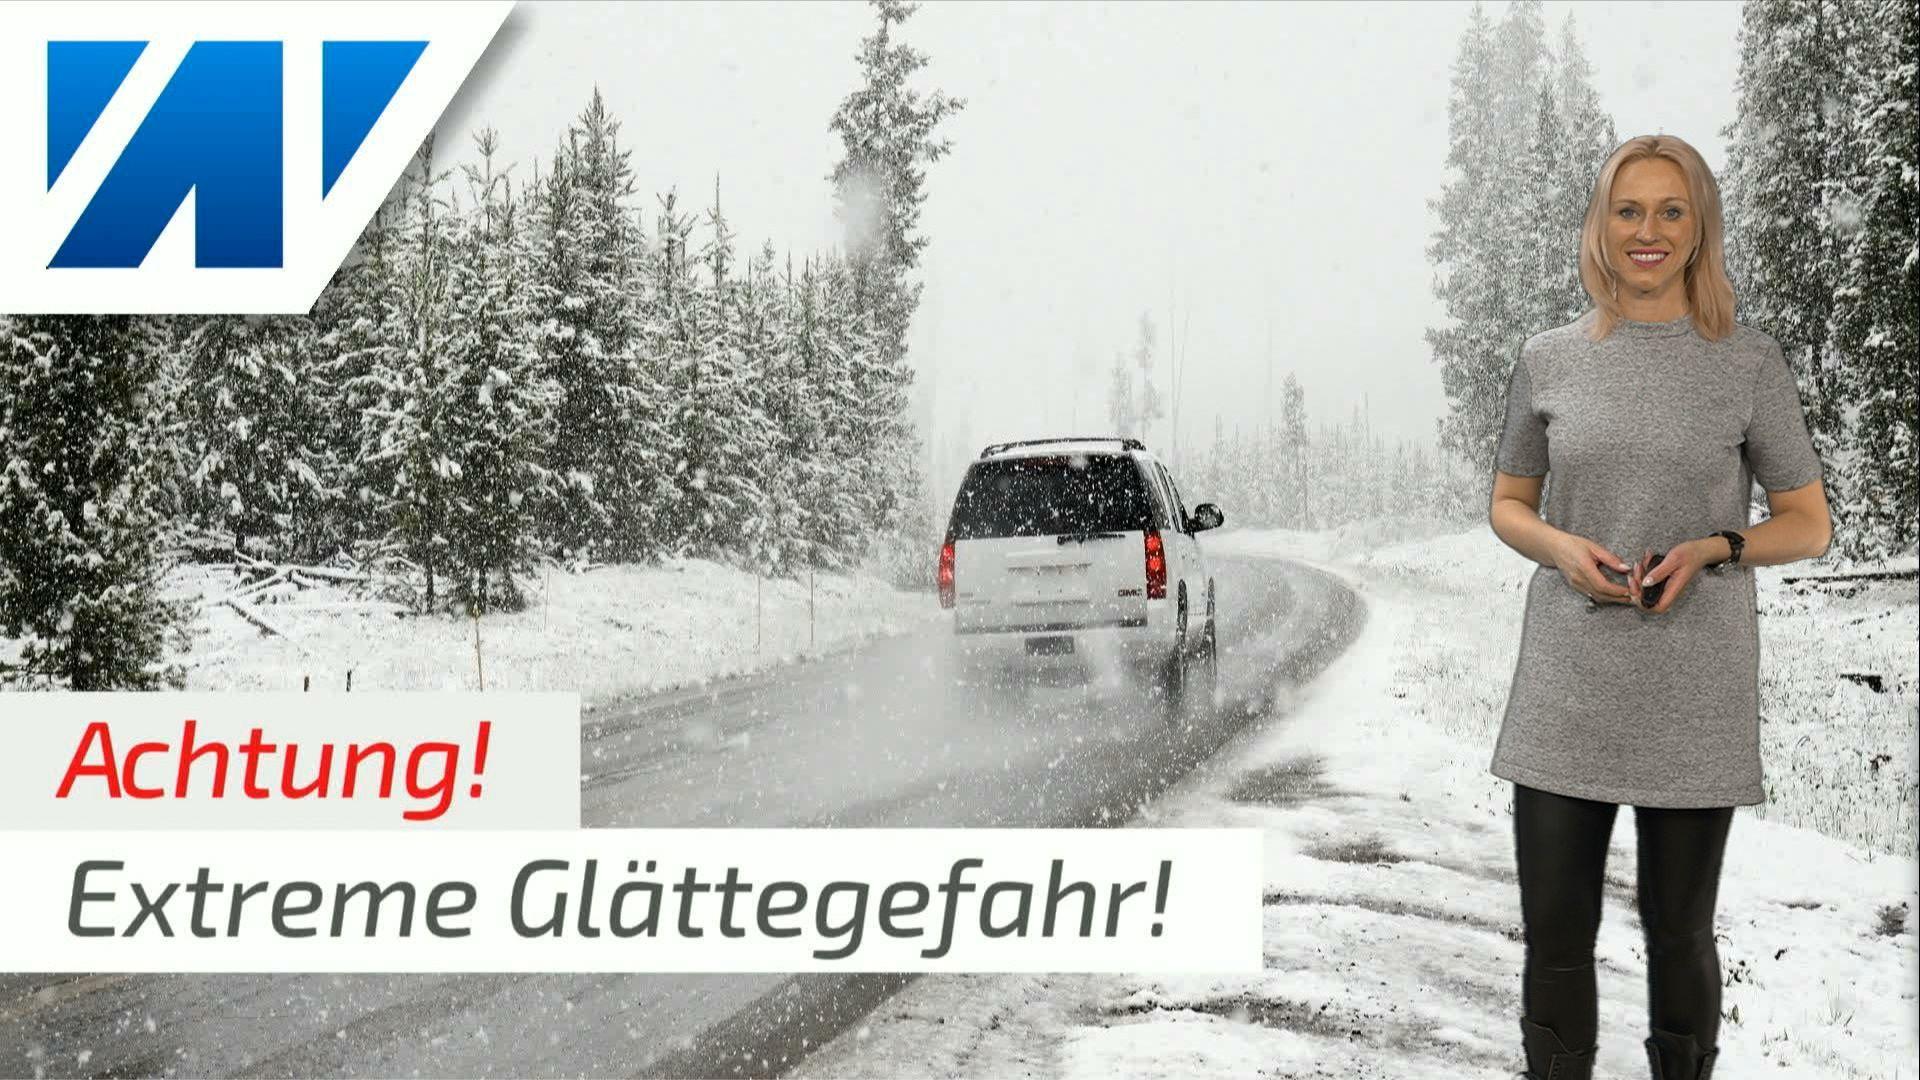 Vorsicht: Enorme Neuschneemengen und extreme Glättegefahr am 2. Adventswochenende!